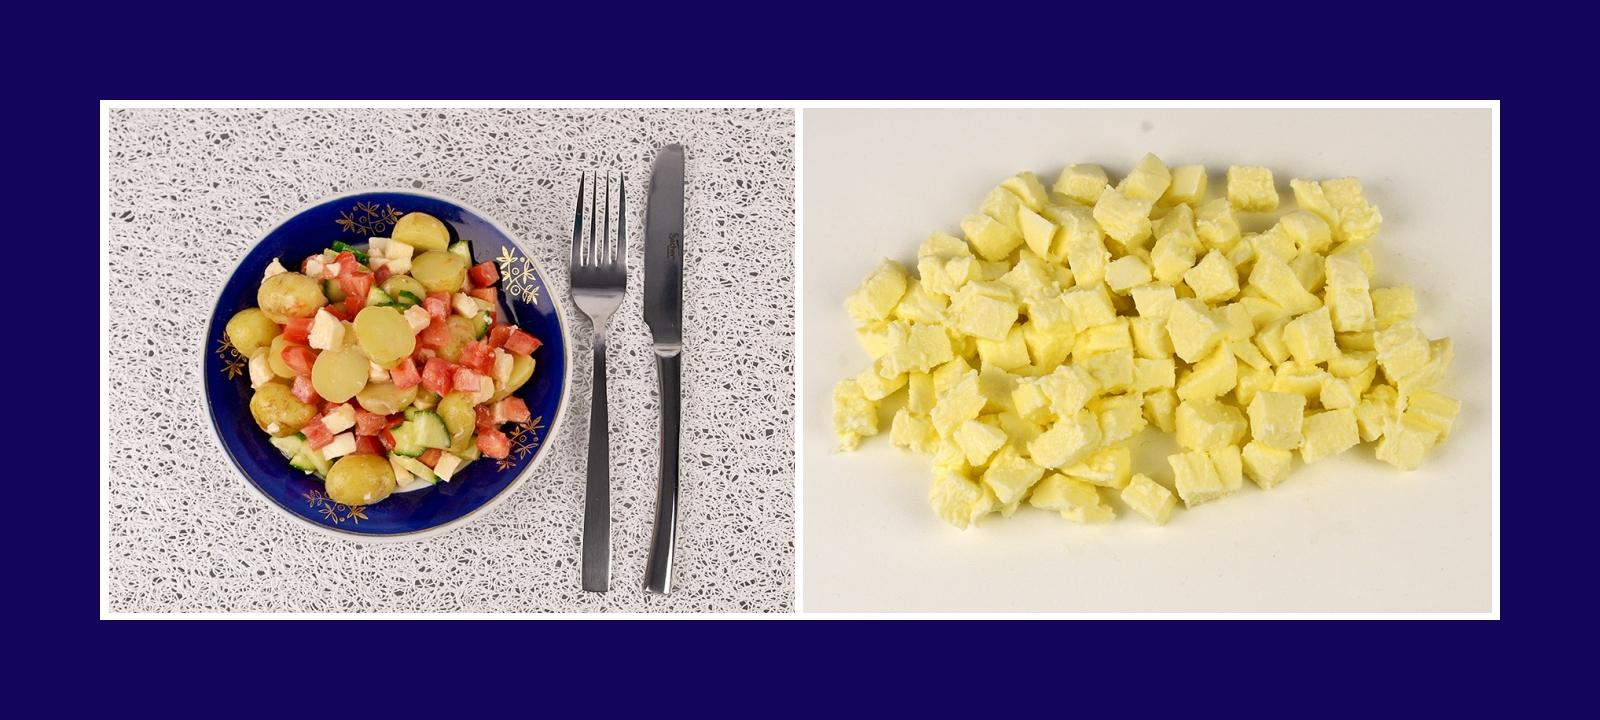 Mozzarella für Kartoffelsalat Gemüsesalat